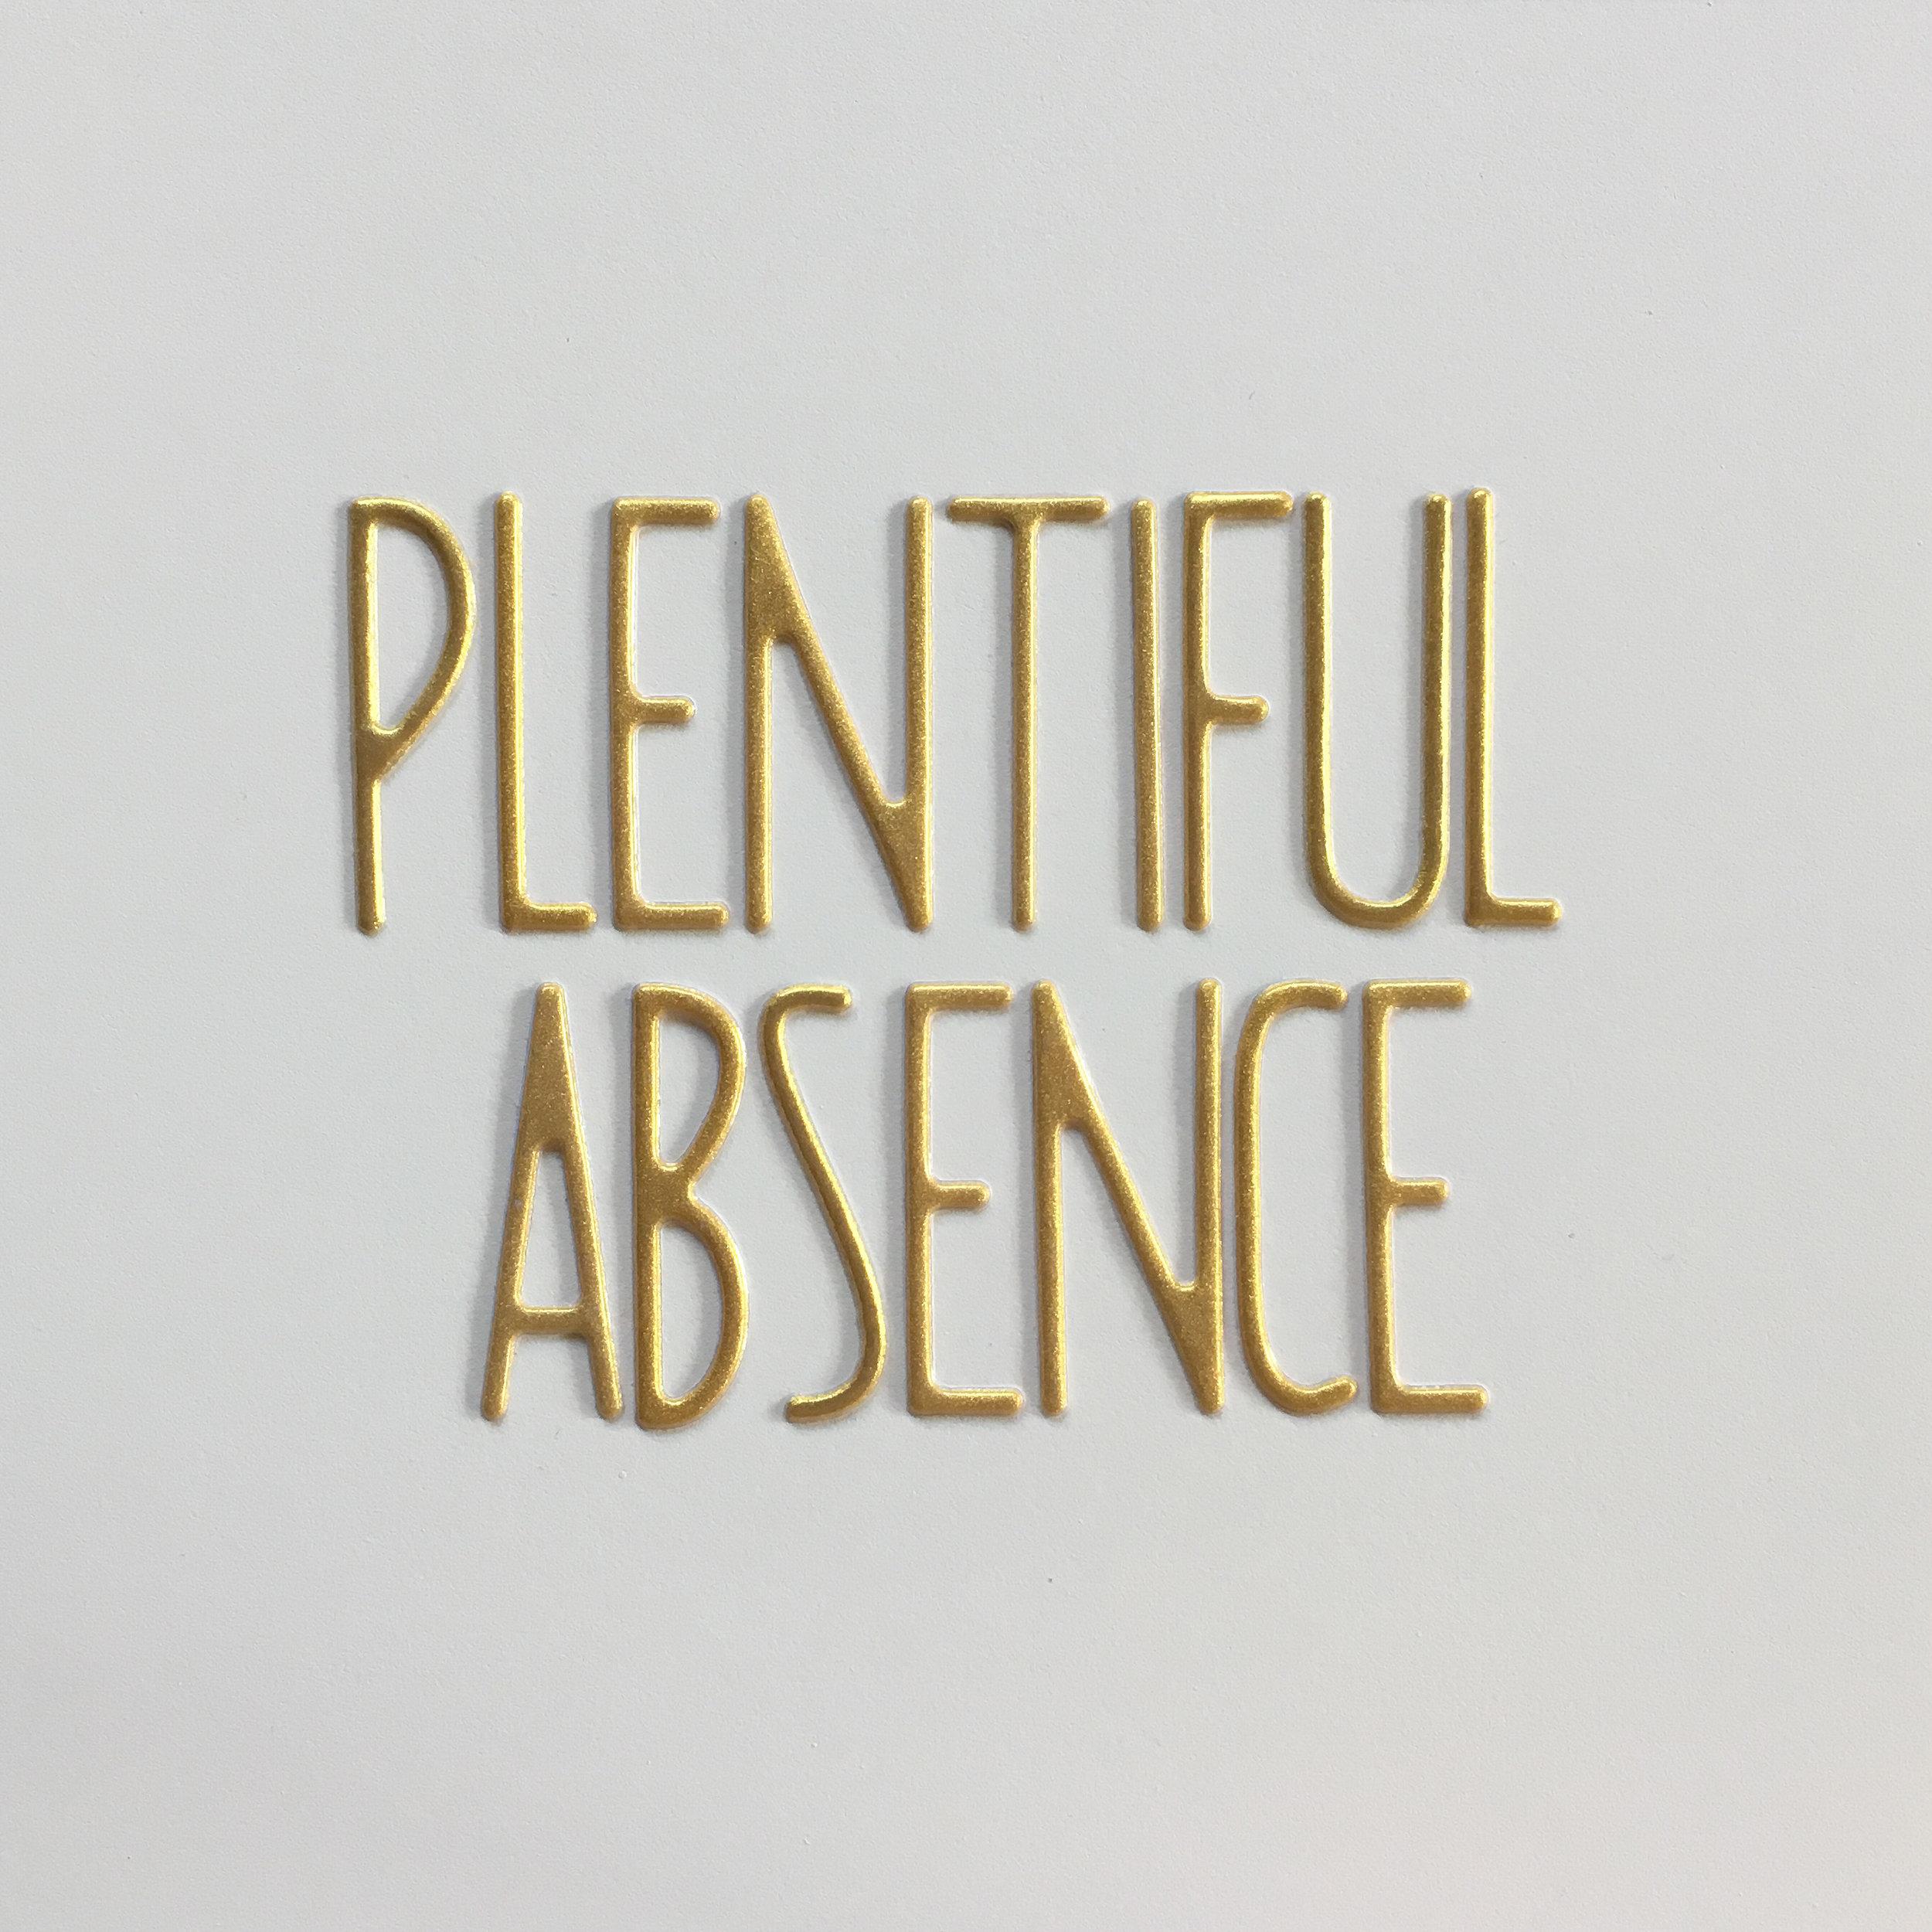 plentiful absence.jpg